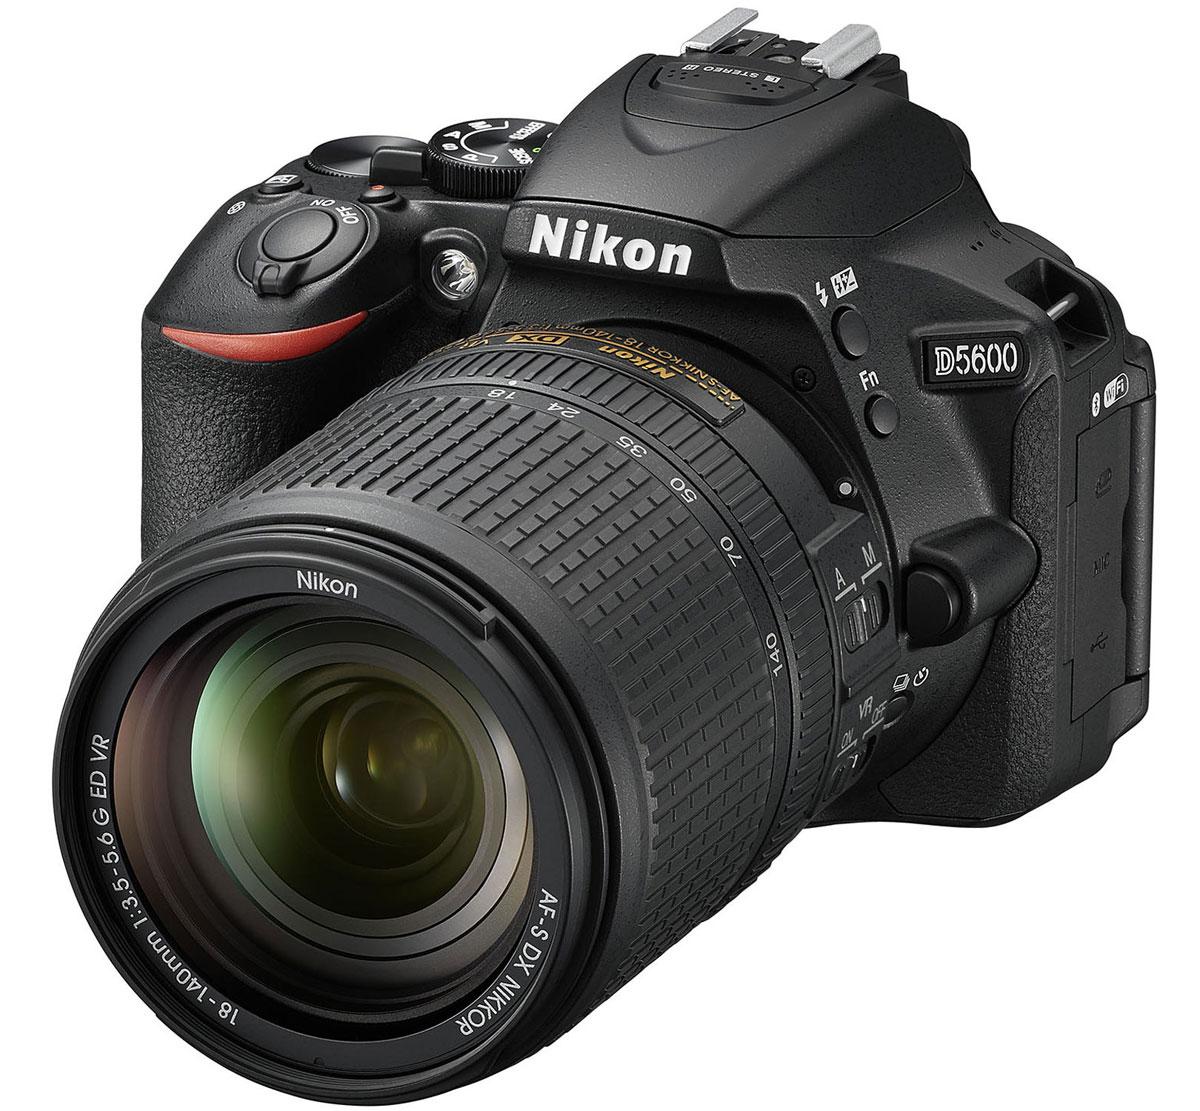 Nikon D5600 Kit 18-140 VR, Black цифровая зеркальная камераVBA500K002Следуйте за своим вдохновением, вооружившись фотокамерой Nikon D5600 с постоянным подключением.Фотокамера D5600, оснащенная большой матрицей формата DX с разрешением 24,2 млн пикселей, может четковоспроизводить тончайшие текстуры и создавать изображения с потрясающей детализацией. Ваши друзья иподписчики в социальных сетях увидят на каждом снимке именно то, что вы хотели показать.Диапазон чувствительности 100-25 600 единиц ISO и расширенная до 6400 единиц ISO чувствительность врежиме Ночной пейзаж позволяет с легкостью получать отличные результаты при недостаточнойосвещенности и сложных условиях освещения.Система обработки изображений EXPEED 4 обеспечивает превосходное понижение шума даже при высокихзначениях чувствительности ISO. А благодаря широкому выбору сменных объективов NIKKOR вы сможете слегкостью создавать изображения с эффектно размытым фоном и богатыми тональными оттенками.Революционное приложение SnapBridge от компании Nikon использует технологию подключения Bluetooth lowenergy, обеспечивая постоянную связь между фотокамерой и совместимым интеллектуальным устройством.Подключение фотокамеры к интеллектуальному устройству не вызовет никаких сложностей. После этогофотокамера сможет синхронно передавать фотографии на устройство по мере съемки, при этом не нужнотратить время на повторное подключение.Фотокамера обладает безупречной эргономикой, что позволяет вам полностью сосредоточиться на процессесъемки. Создавайте кадры с великолепной композицией благодаря высококачественному оптическомувидоискателю, обеспечивающему исключительно четкое изображение с объектива. Если вам нужно сосредоточиться на объекте съемки, использование видоискателя позволяет отмежеваться отсолнечного света и других помех. Также вы сможете крепче удерживать фотокамеру при использованиителеобъектива. Удобное расположение диска управления и мультиселектора позволяет легко менятьнастройки во время съемки.Теперь у вас есть